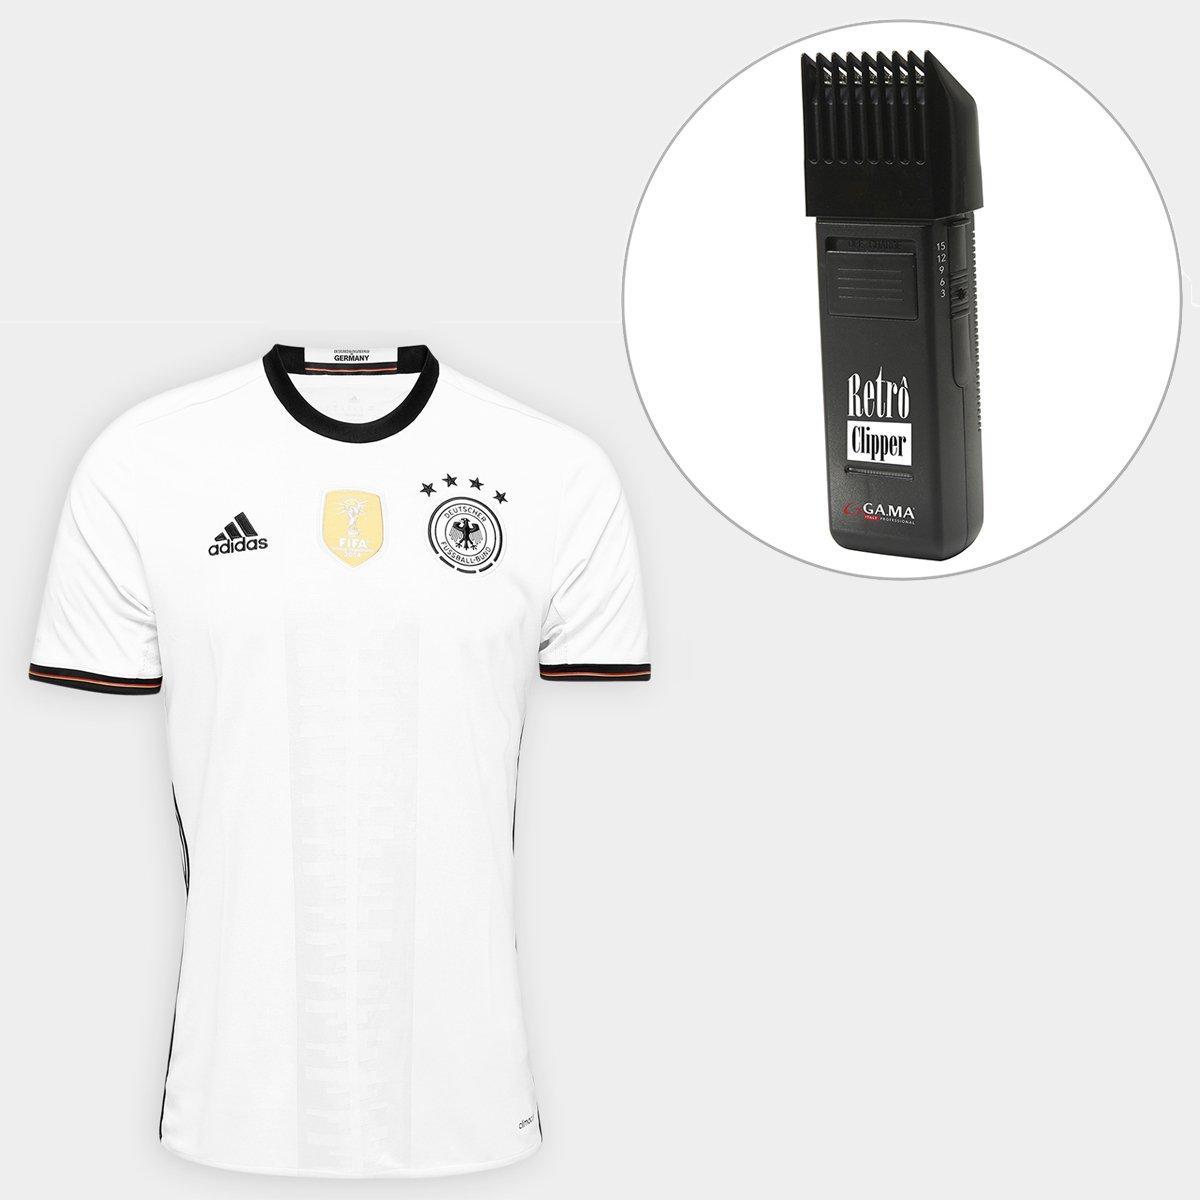 f91e3e5f31 Kit Camisa Seleção Alemanha Home 2016 s nº Torcedor Adidas  Masculina+Maquina Retrô Gama Italy Bivolt - Compre Agora